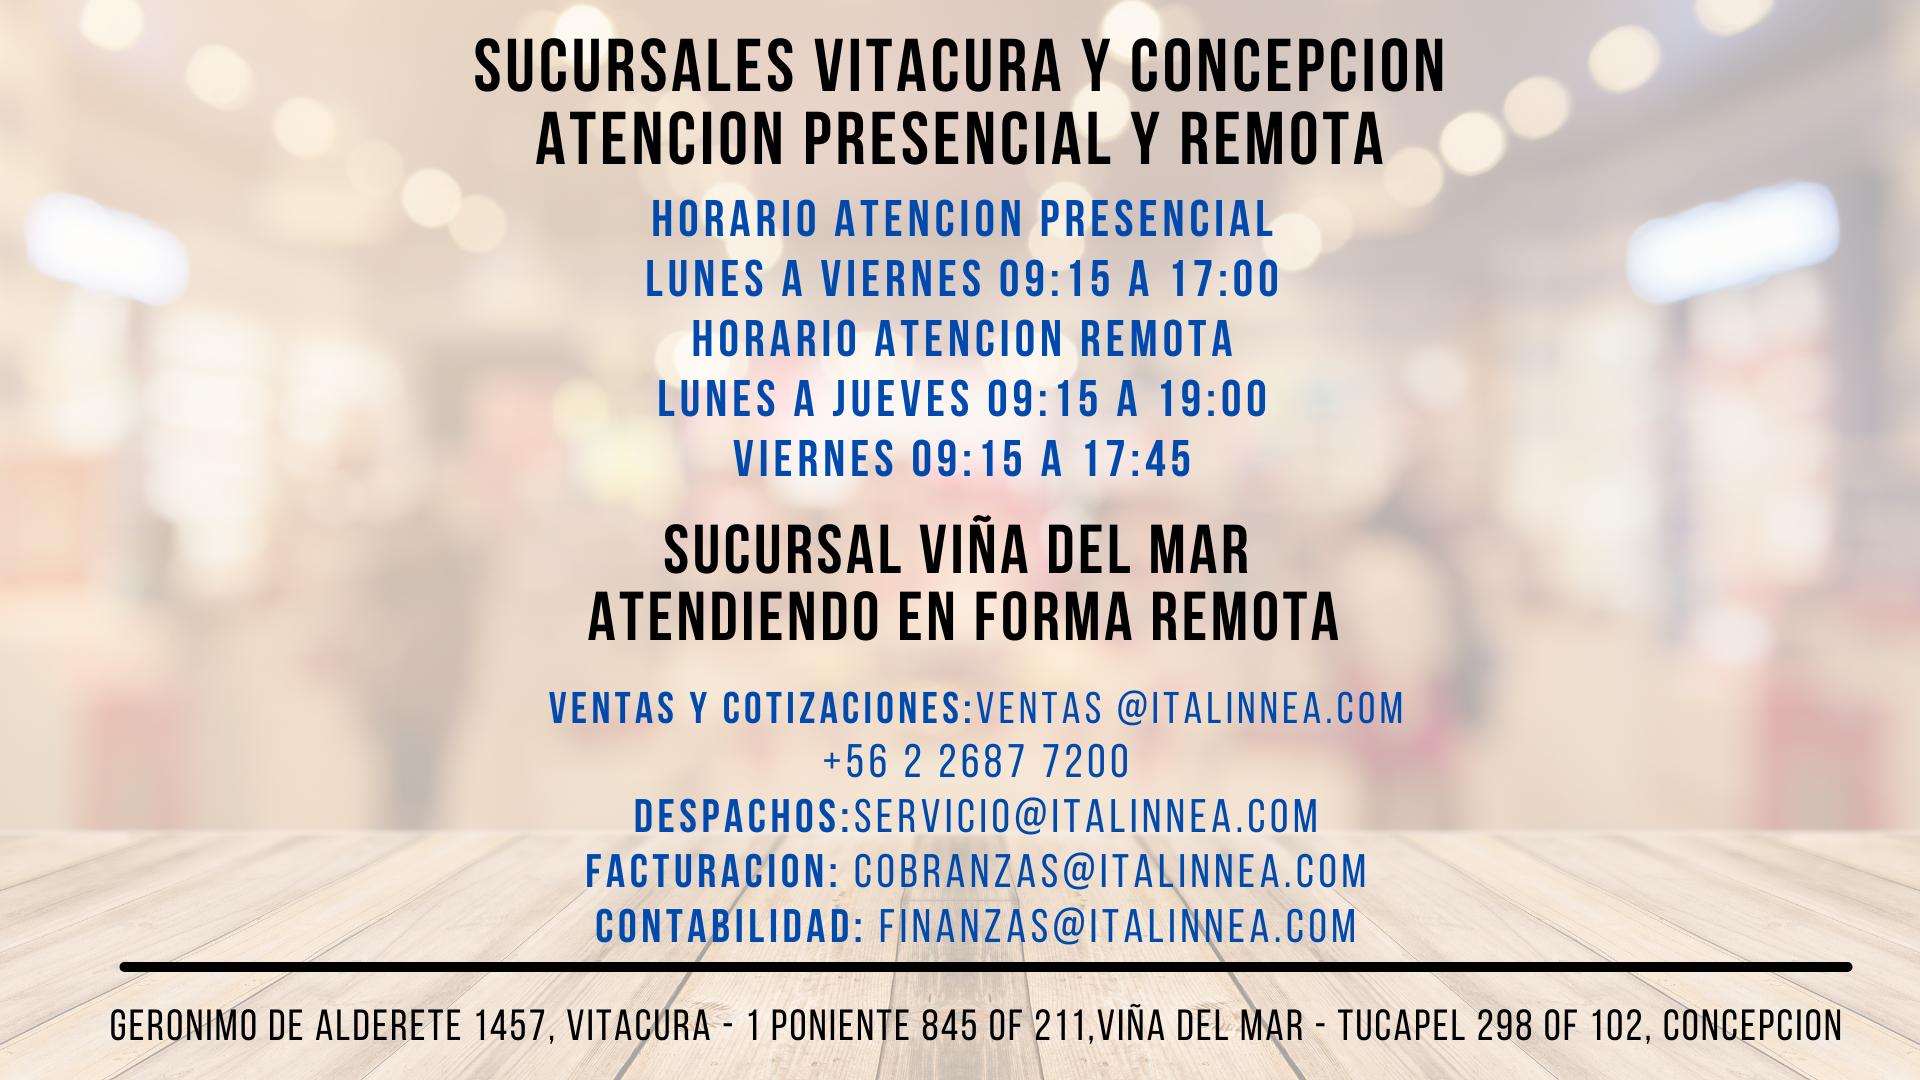 HORARIO CASA MATRIZ Y SUCURSALES